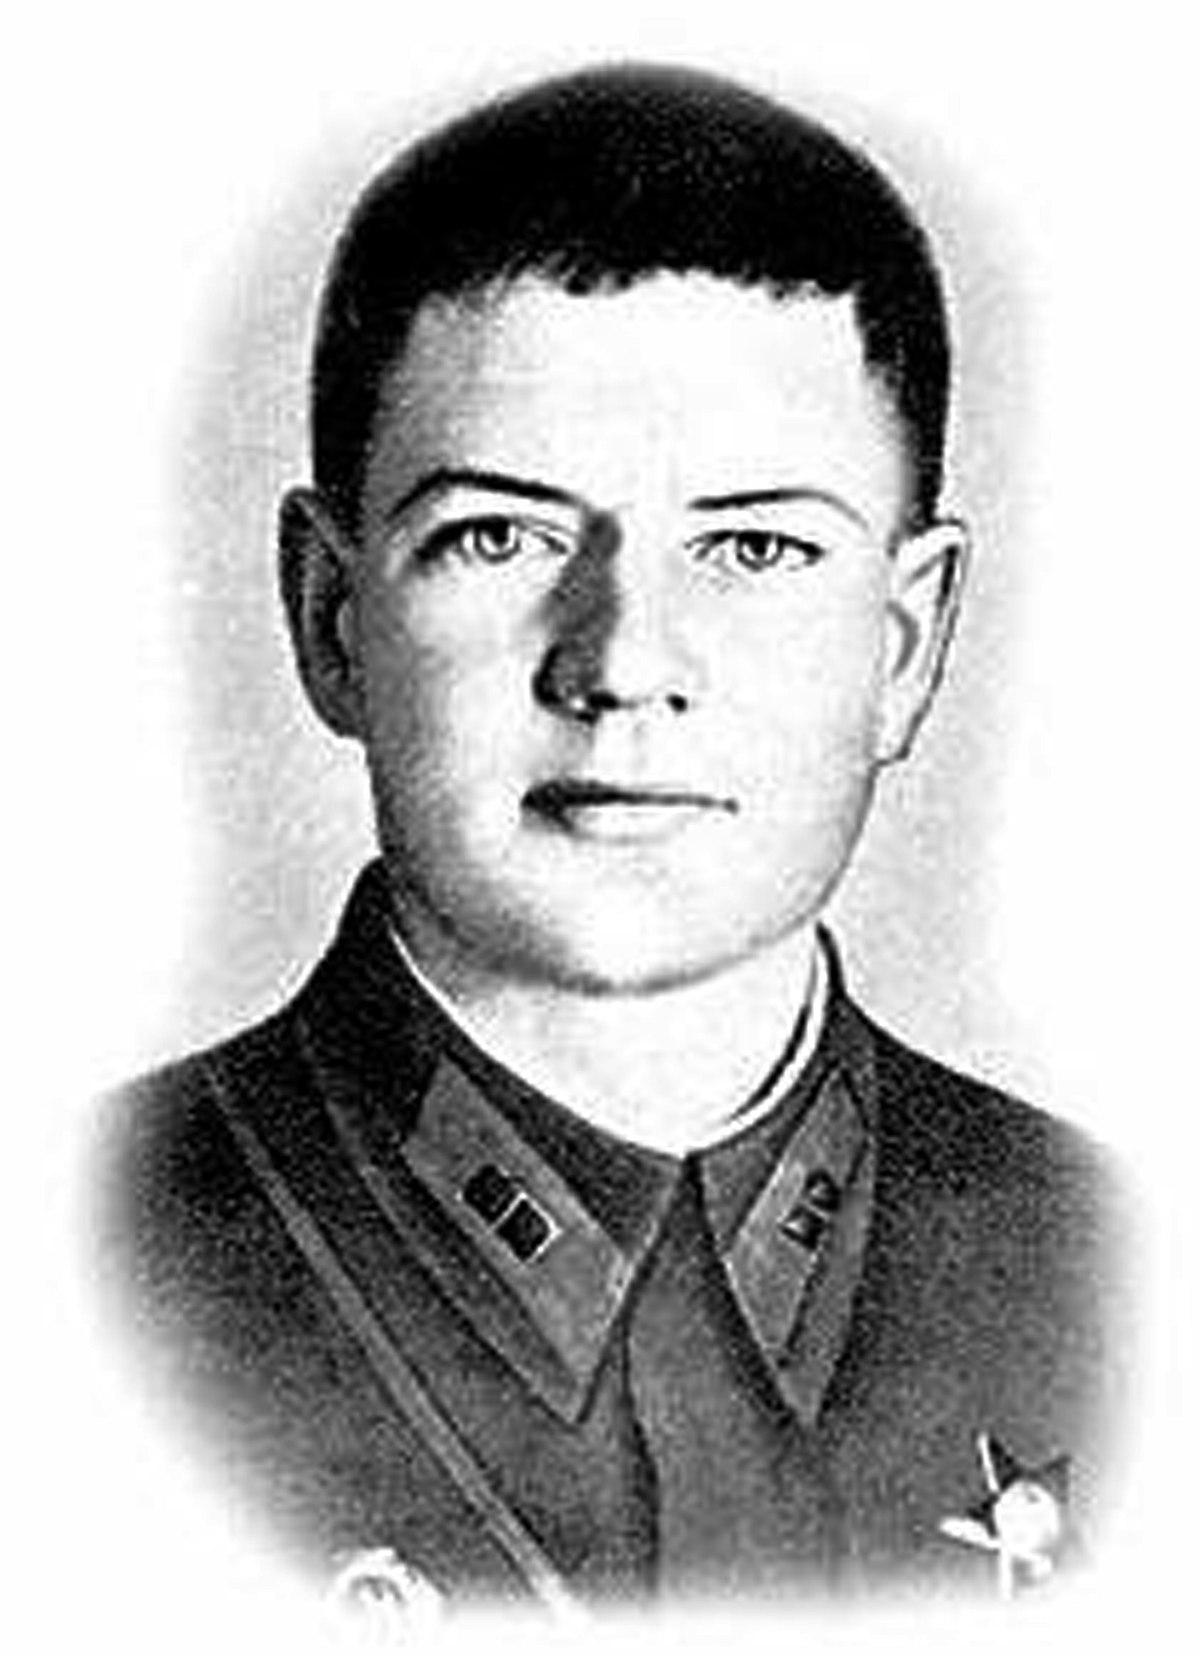 Wladimir wladimirowitsch putin wikipedia